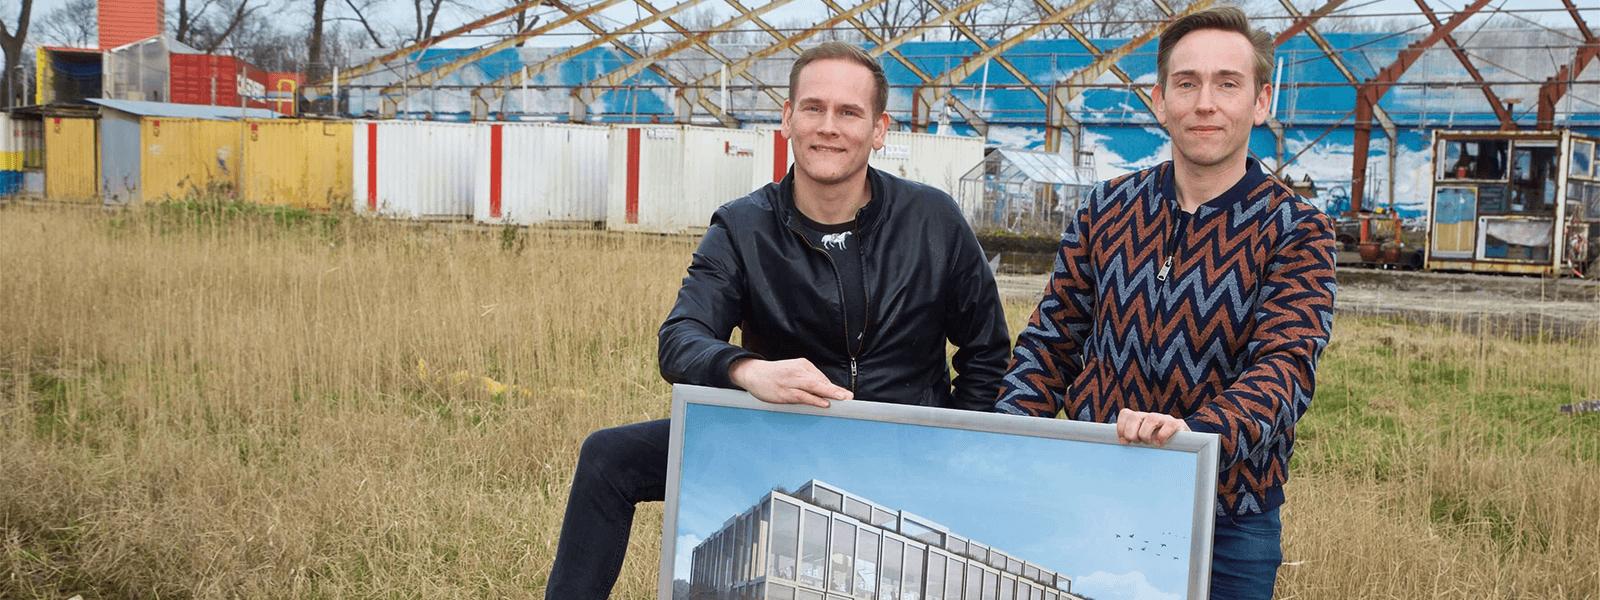 Holder kiest bewust voor Alkmaar als nieuwe locatie